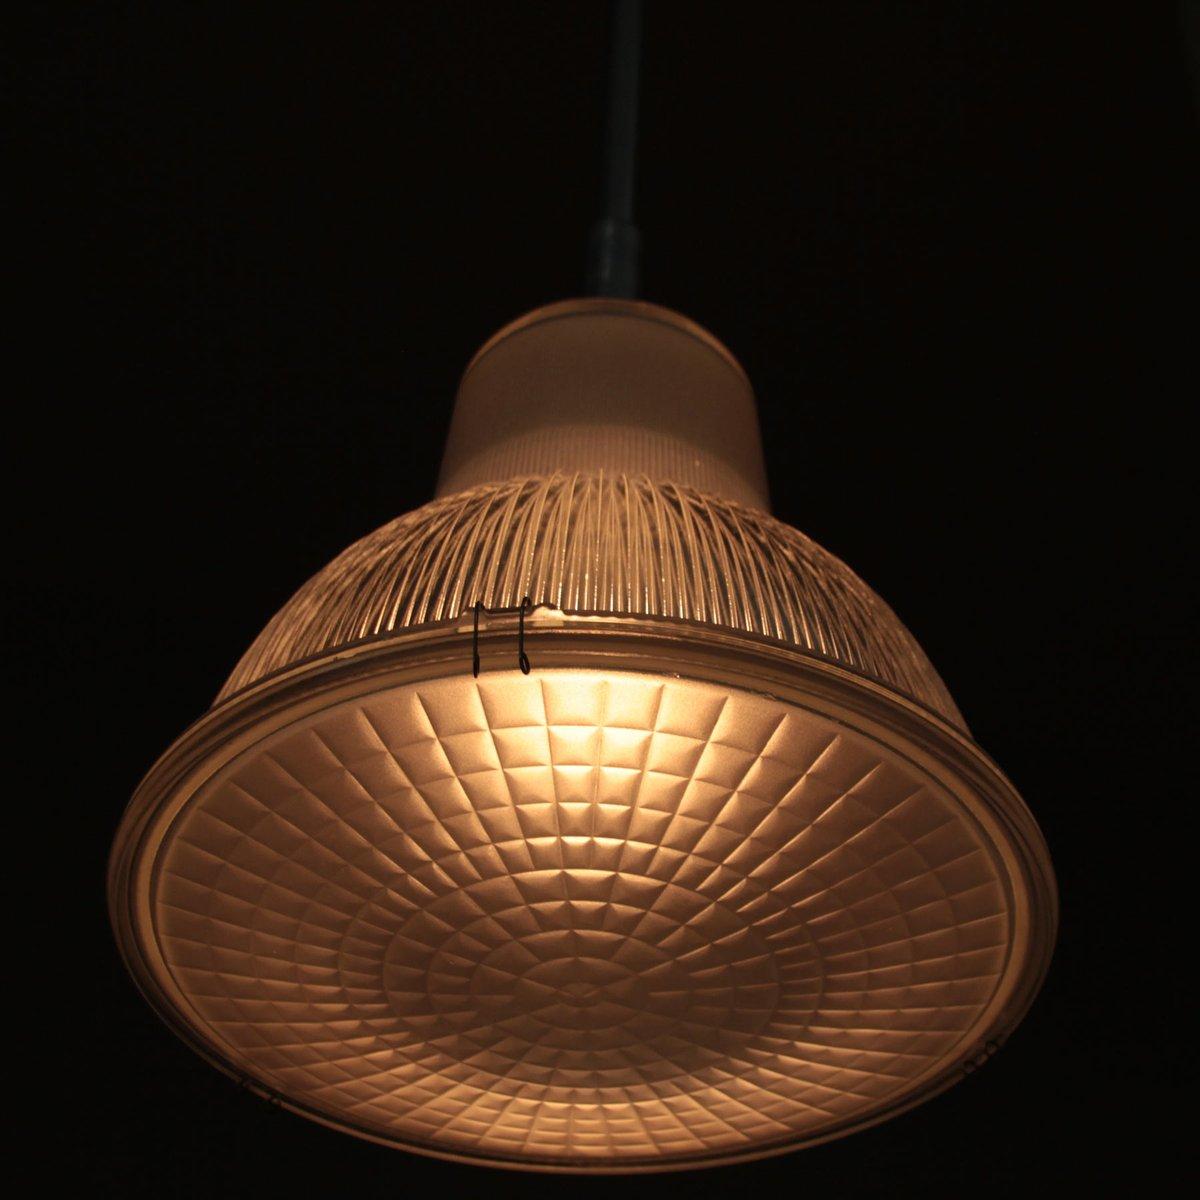 franz sische vintage industrie h ngelampe von holophane bei pamono kaufen. Black Bedroom Furniture Sets. Home Design Ideas